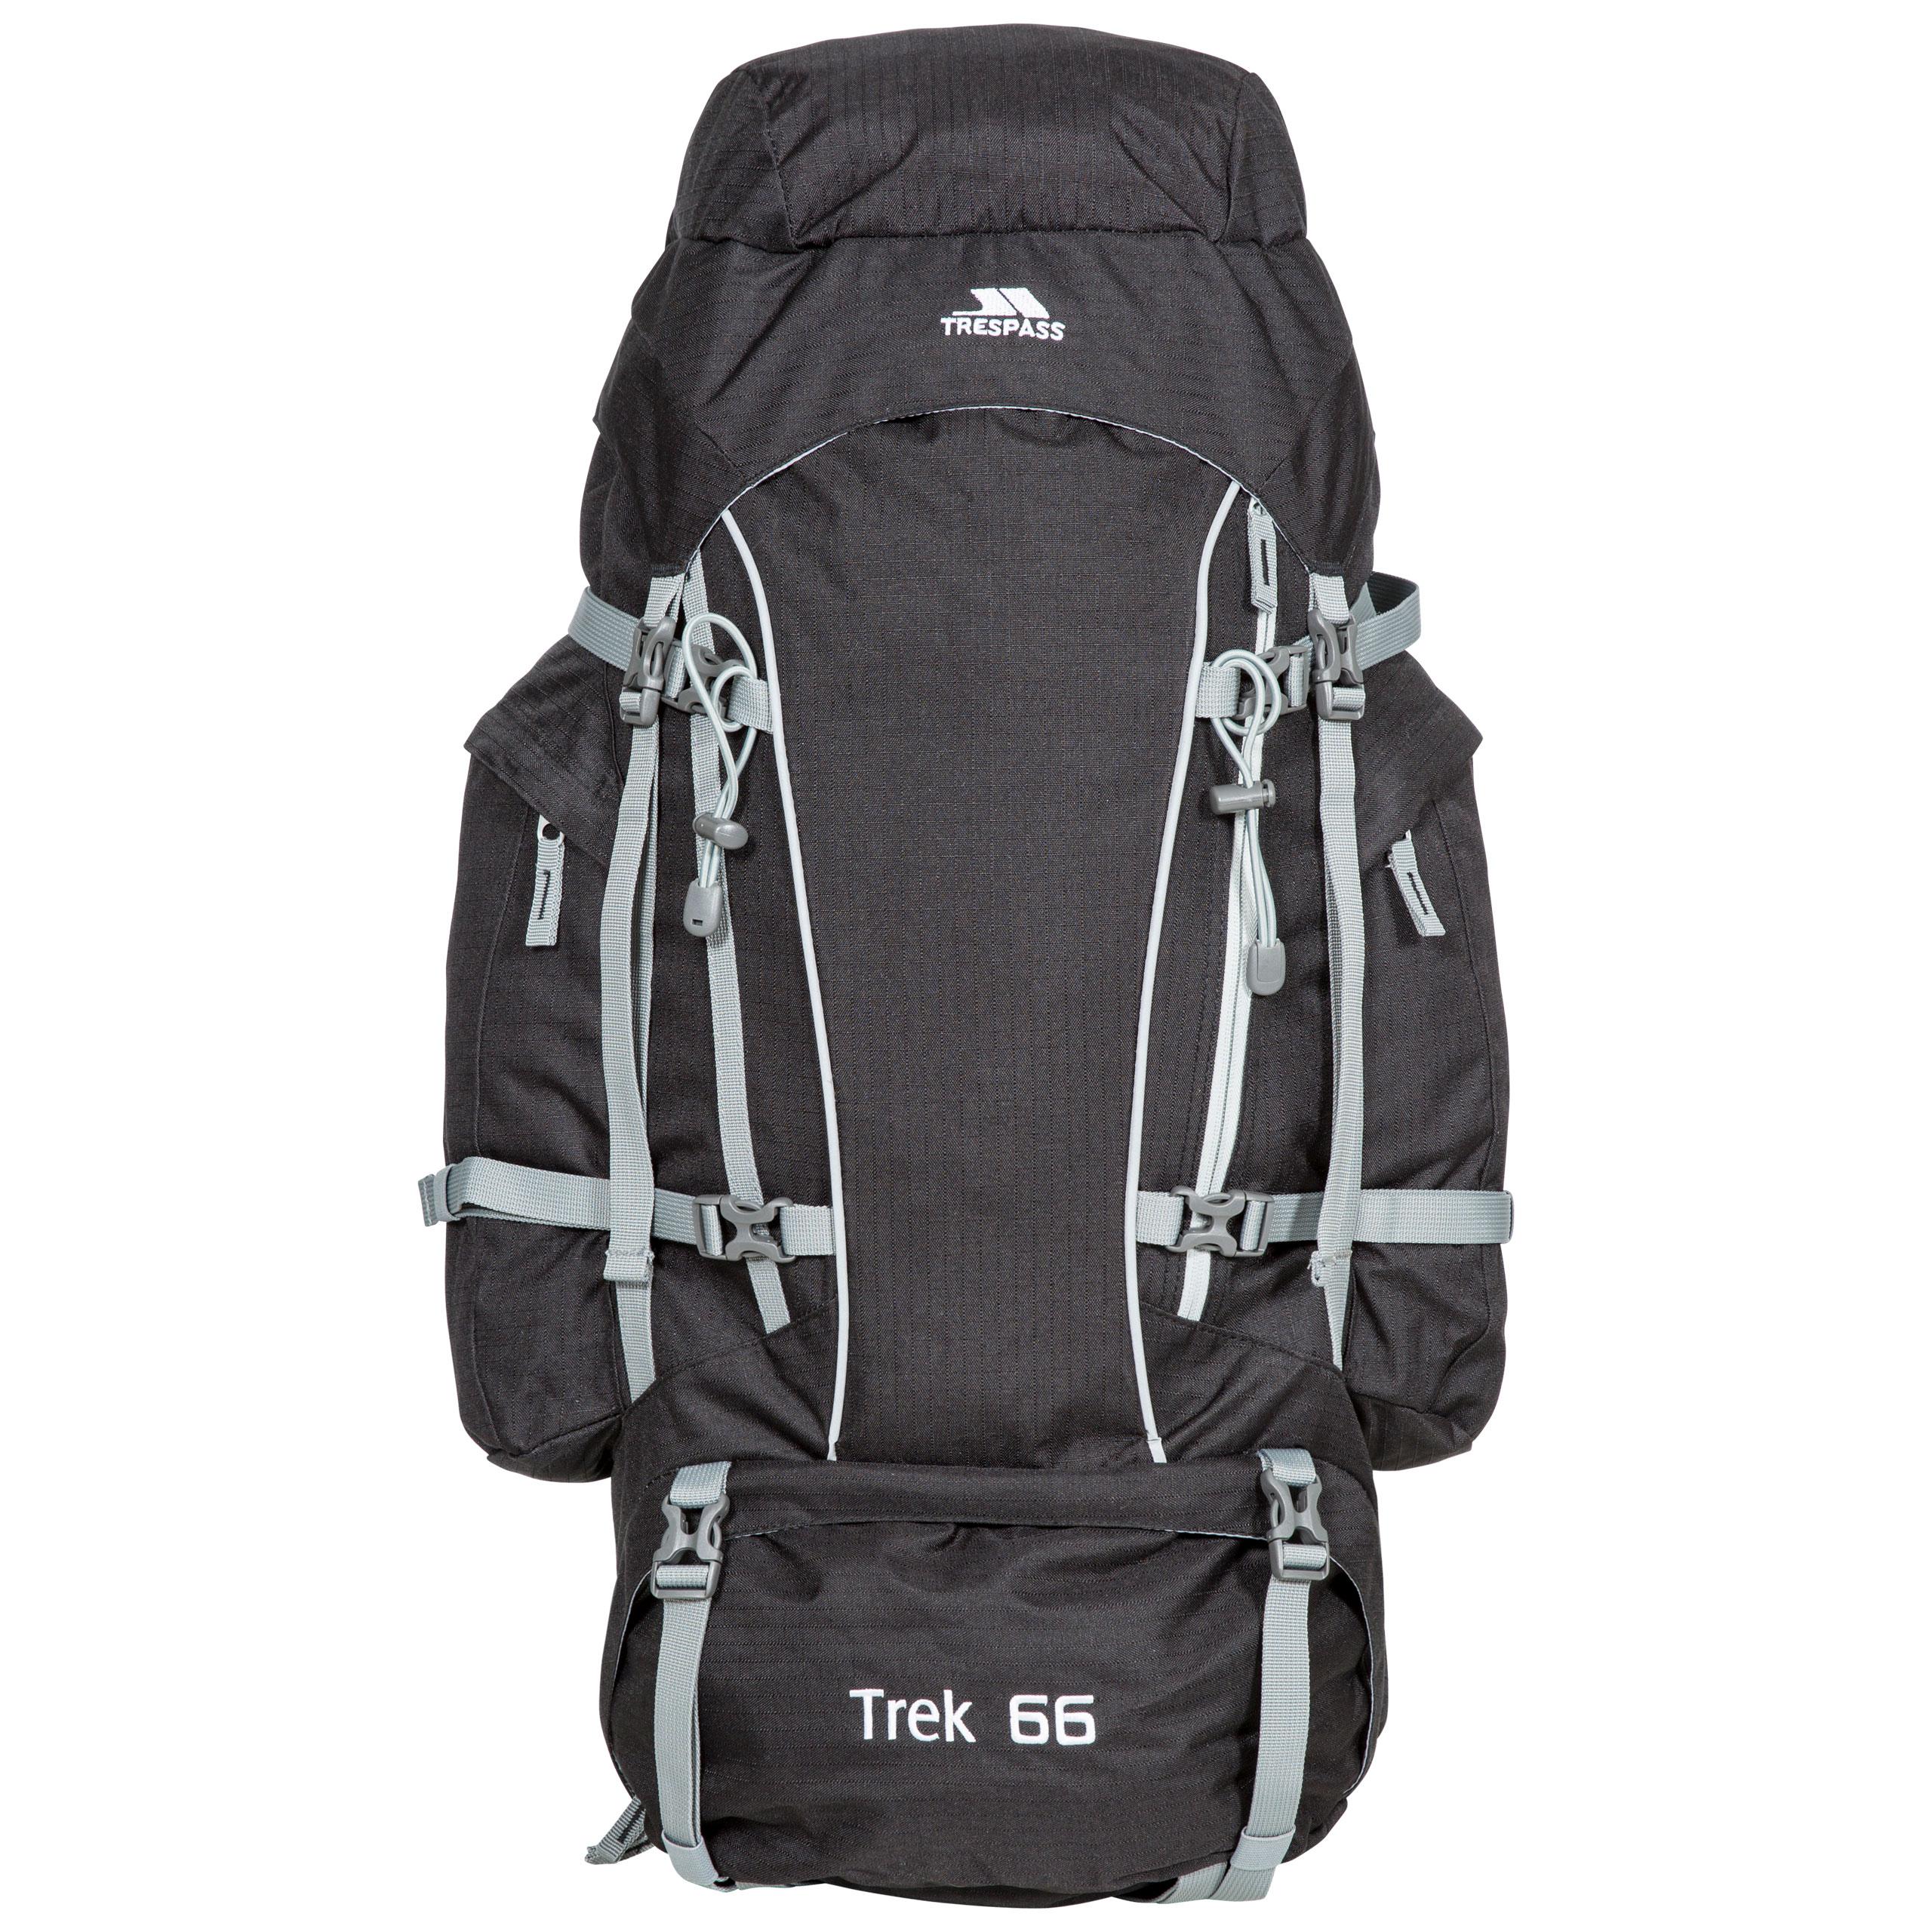 Trespass Trek 66 Escursionismo Zaino Viaggi Viaggi Zaino Zaino con parapioggia 3 COLORI e5dcc1